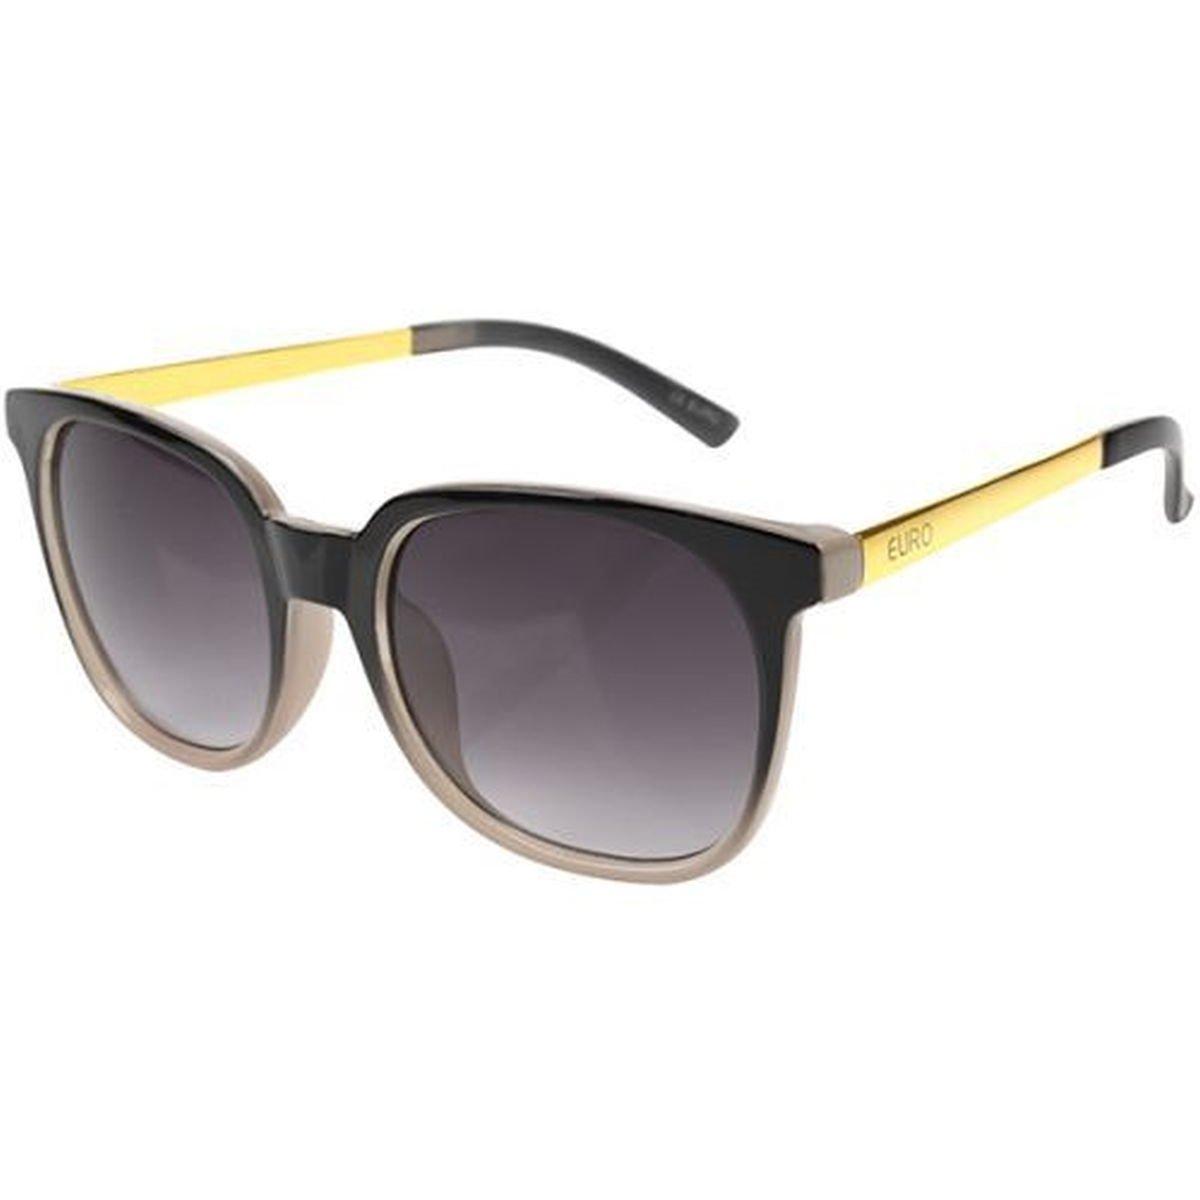 da3ba1e1b20d7 Óculos De Sol Euro Feminino - Oc085eu 8P - Compre Agora